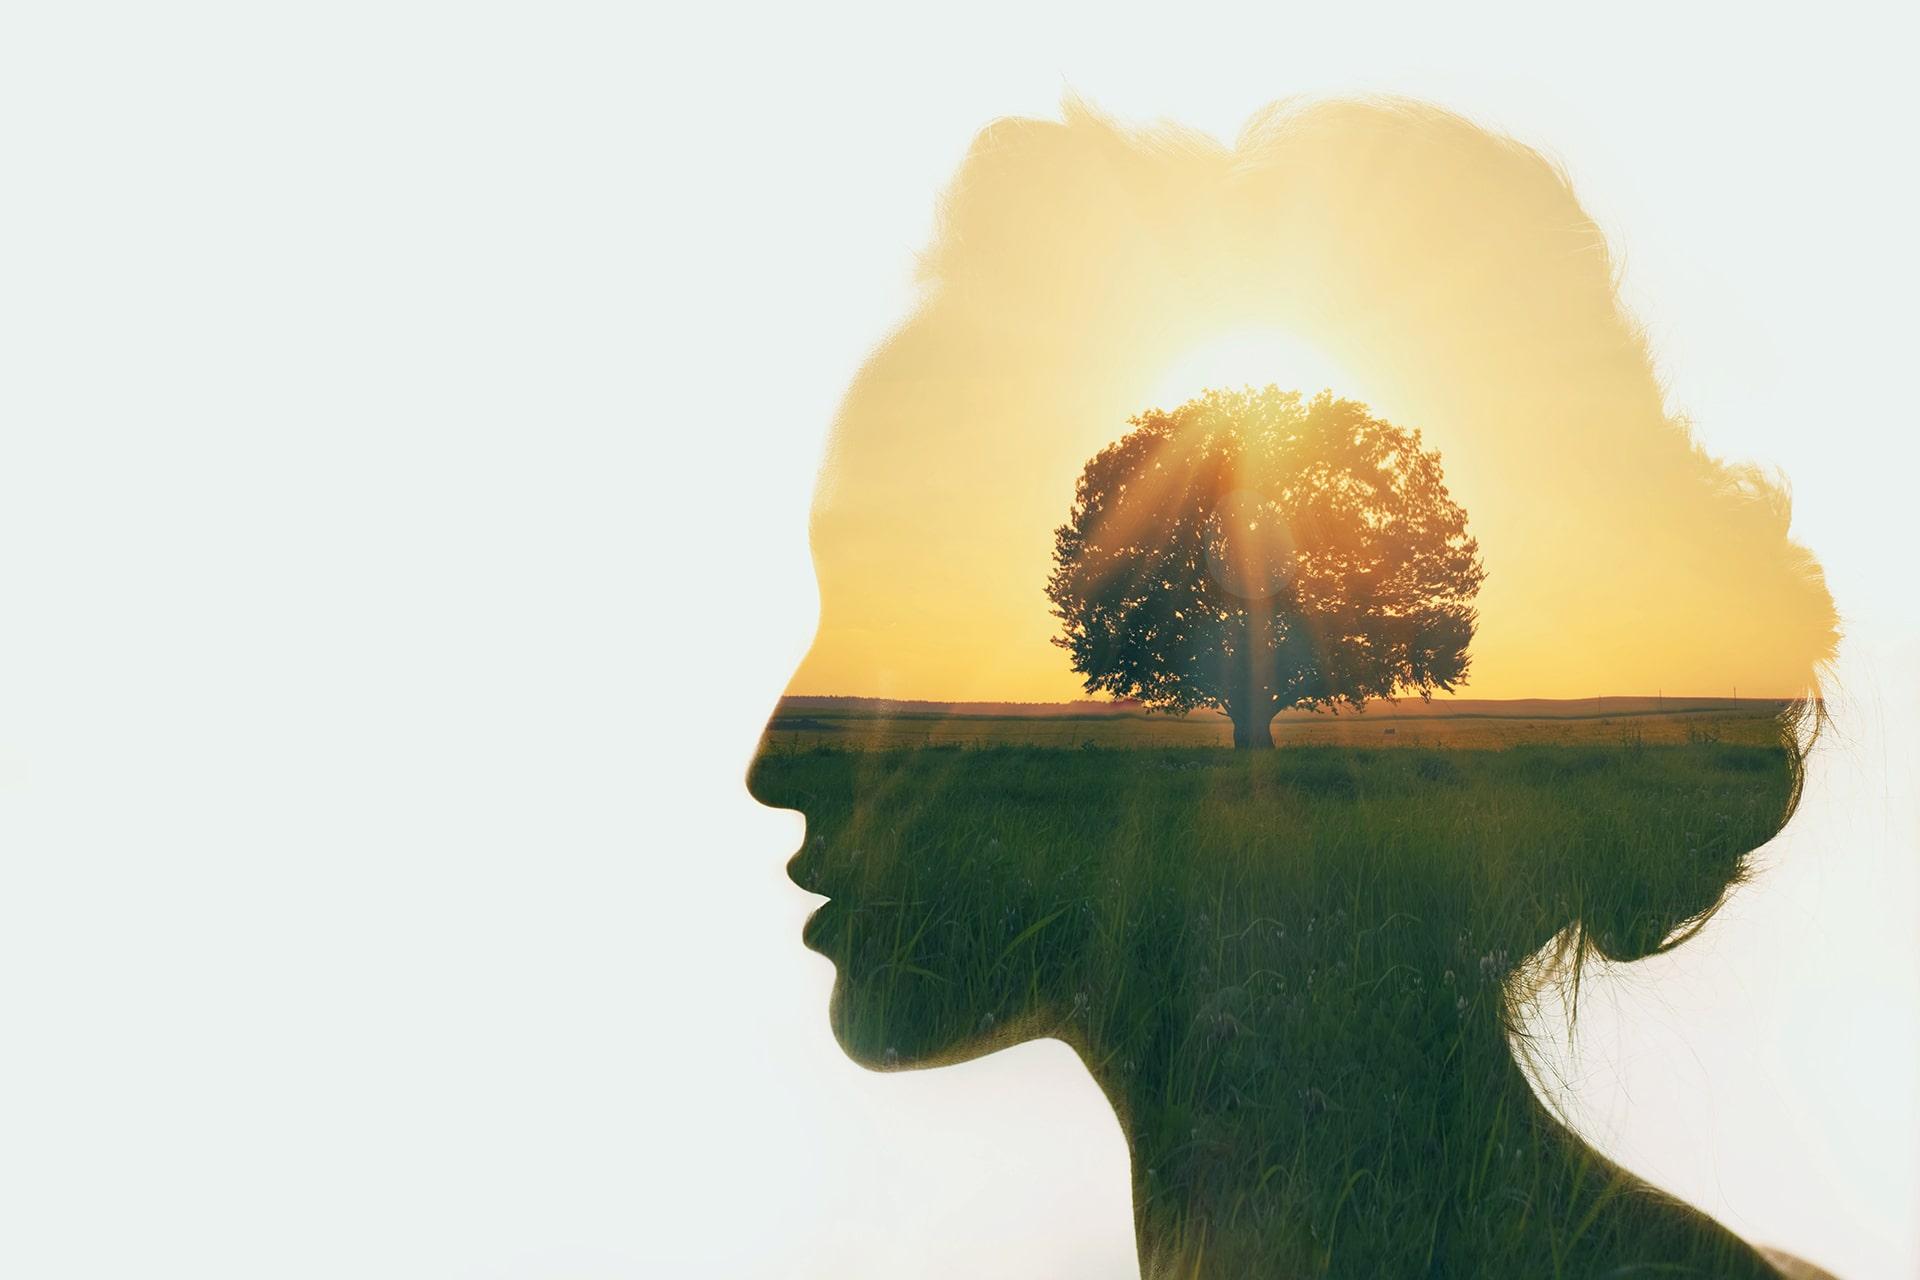 Institut Aurovida - Blog - Nos pensées créatrices ou destructrices? Avons-nous le choix?